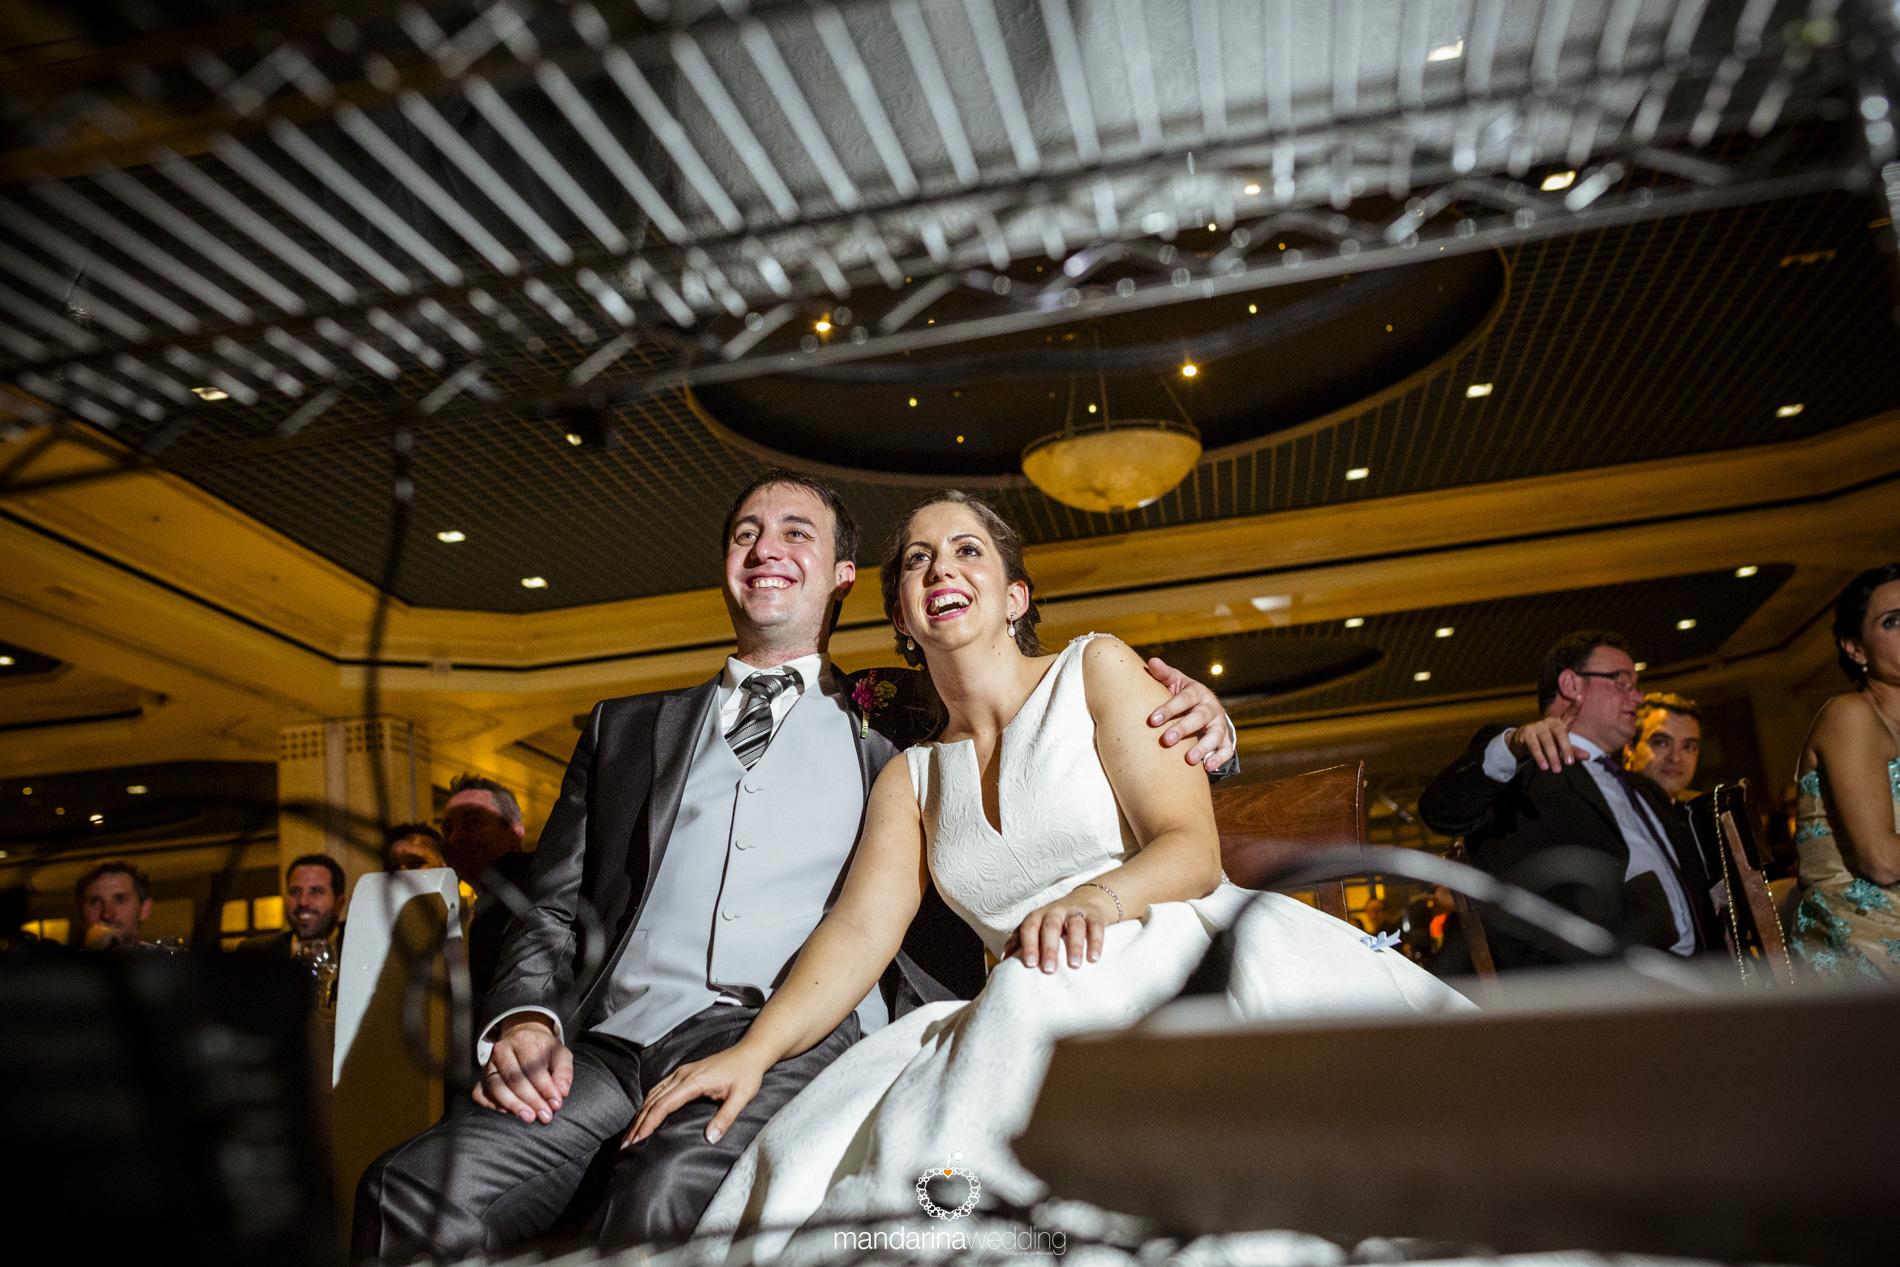 mandarina wedding, fotografo de boda, fotografo boda soria, fotografo boda barcelona, fotografo boda Madrid, fotografo boda lerida, fotografo boda Huesca, fotografo de destino_009